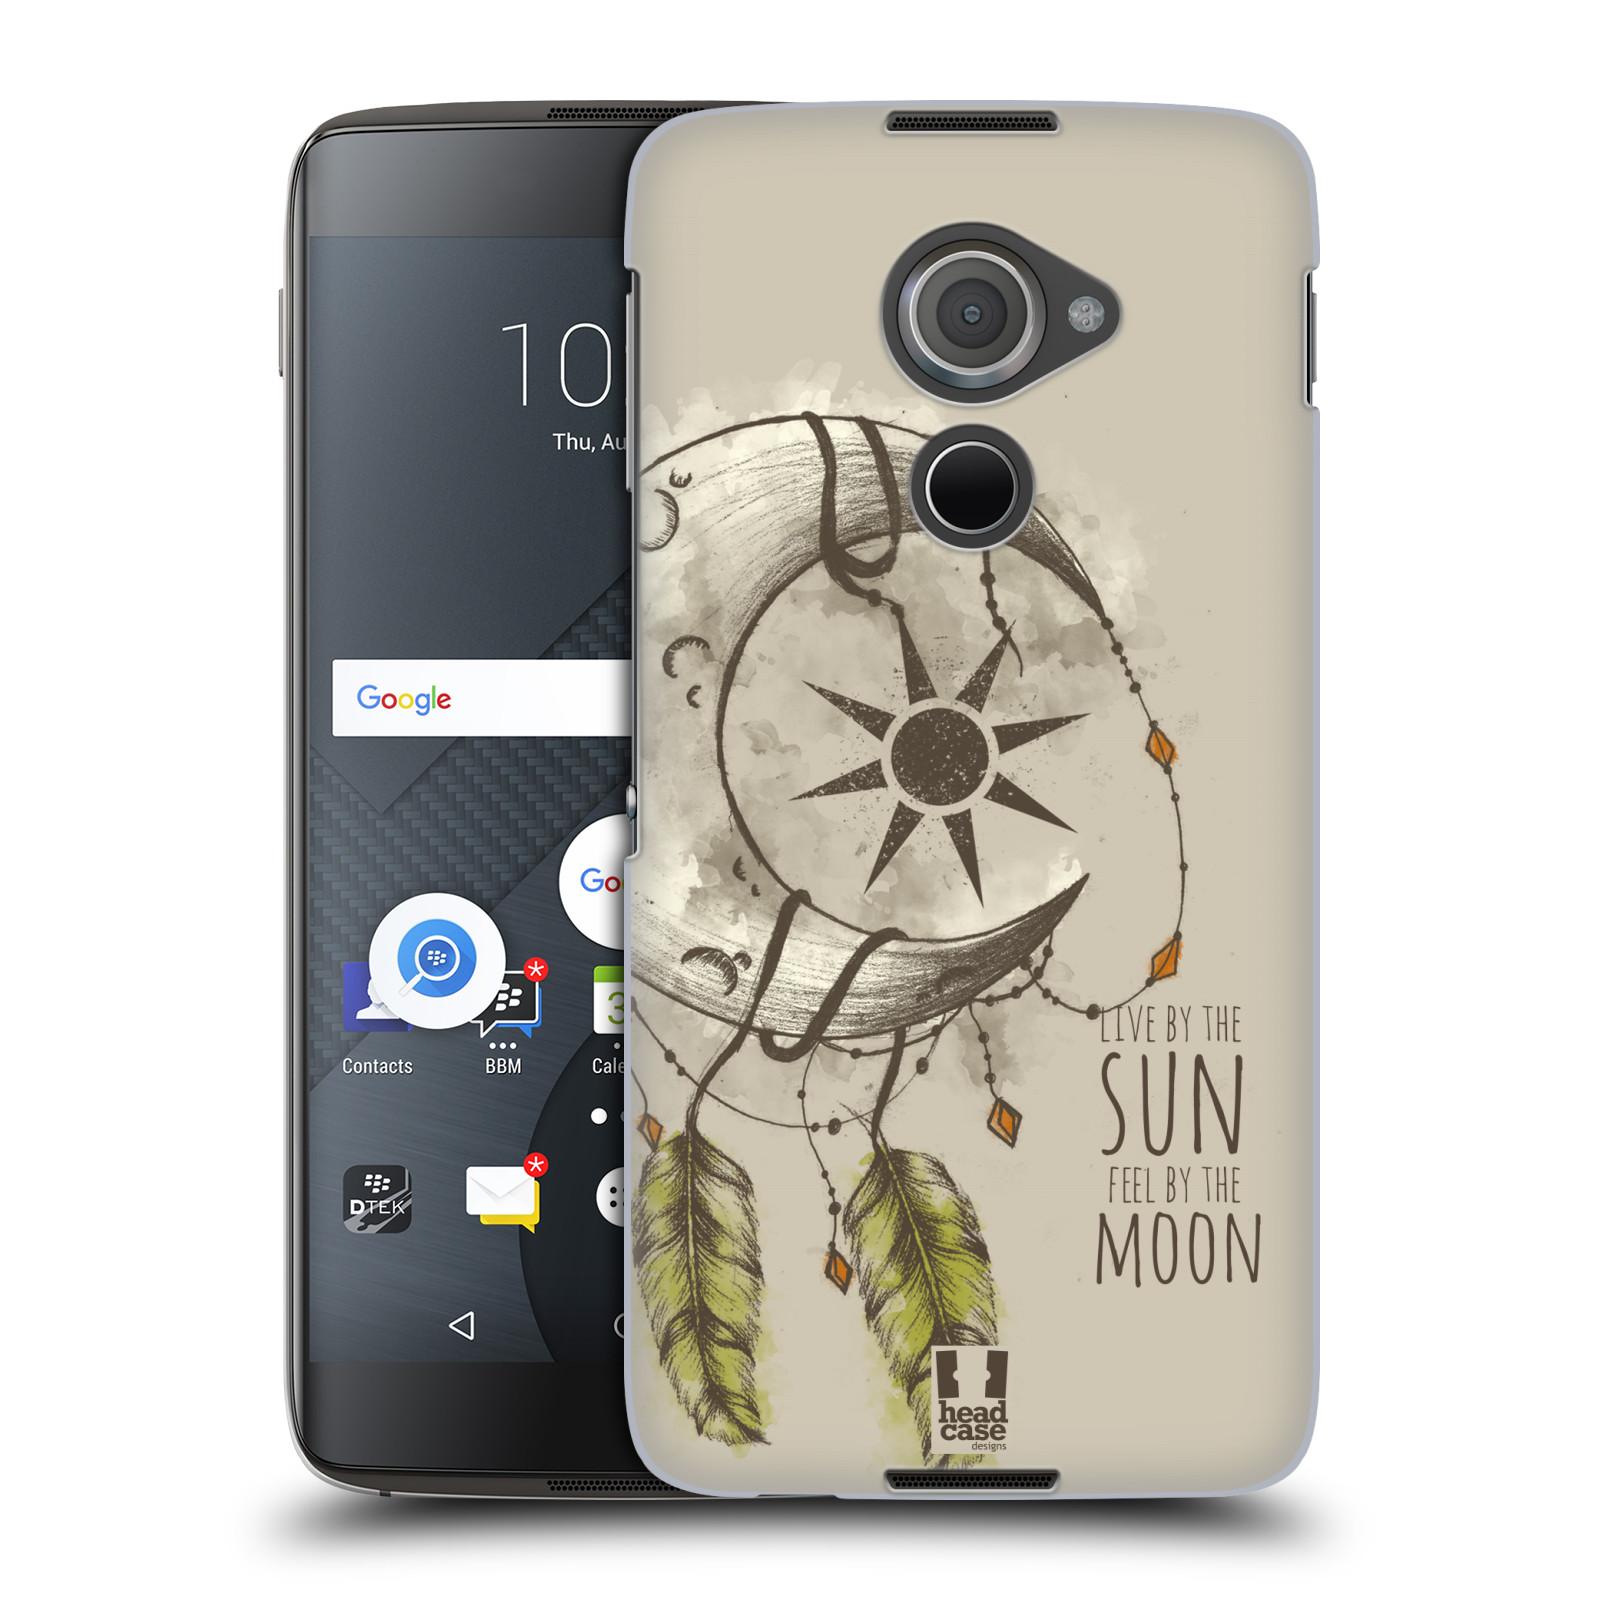 Plastové pouzdro na mobil Blackberry DTEK60 (Argon) - Head Case - Bohémský lapač (Plastový kryt či obal na mobilní telefon s motivem Bohemian Soul pro Blackberry DTEK60 (Argon))